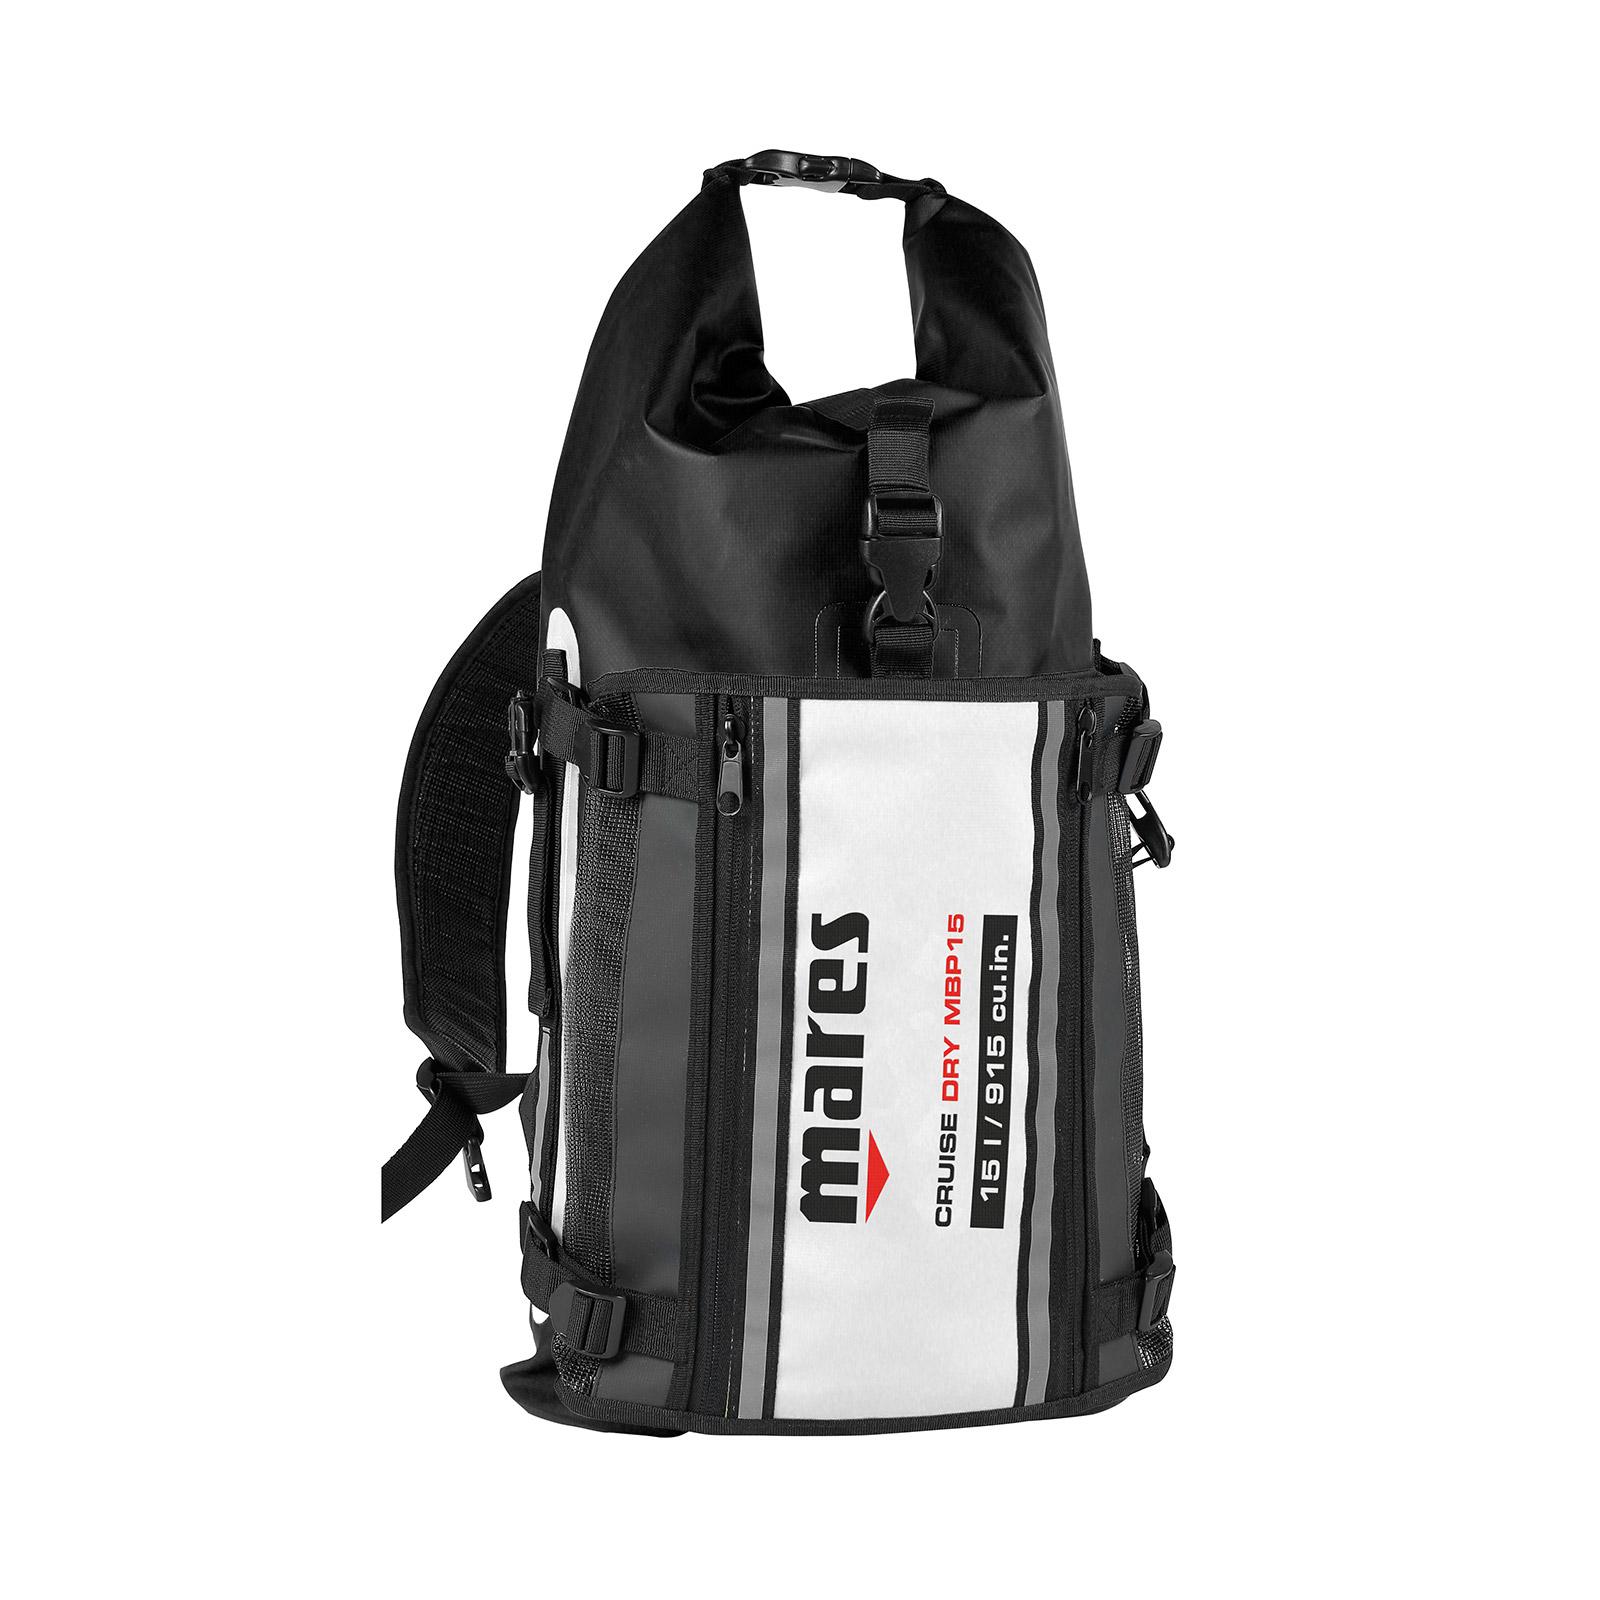 MARES - Cruise Drybag MBP15 Rucksack